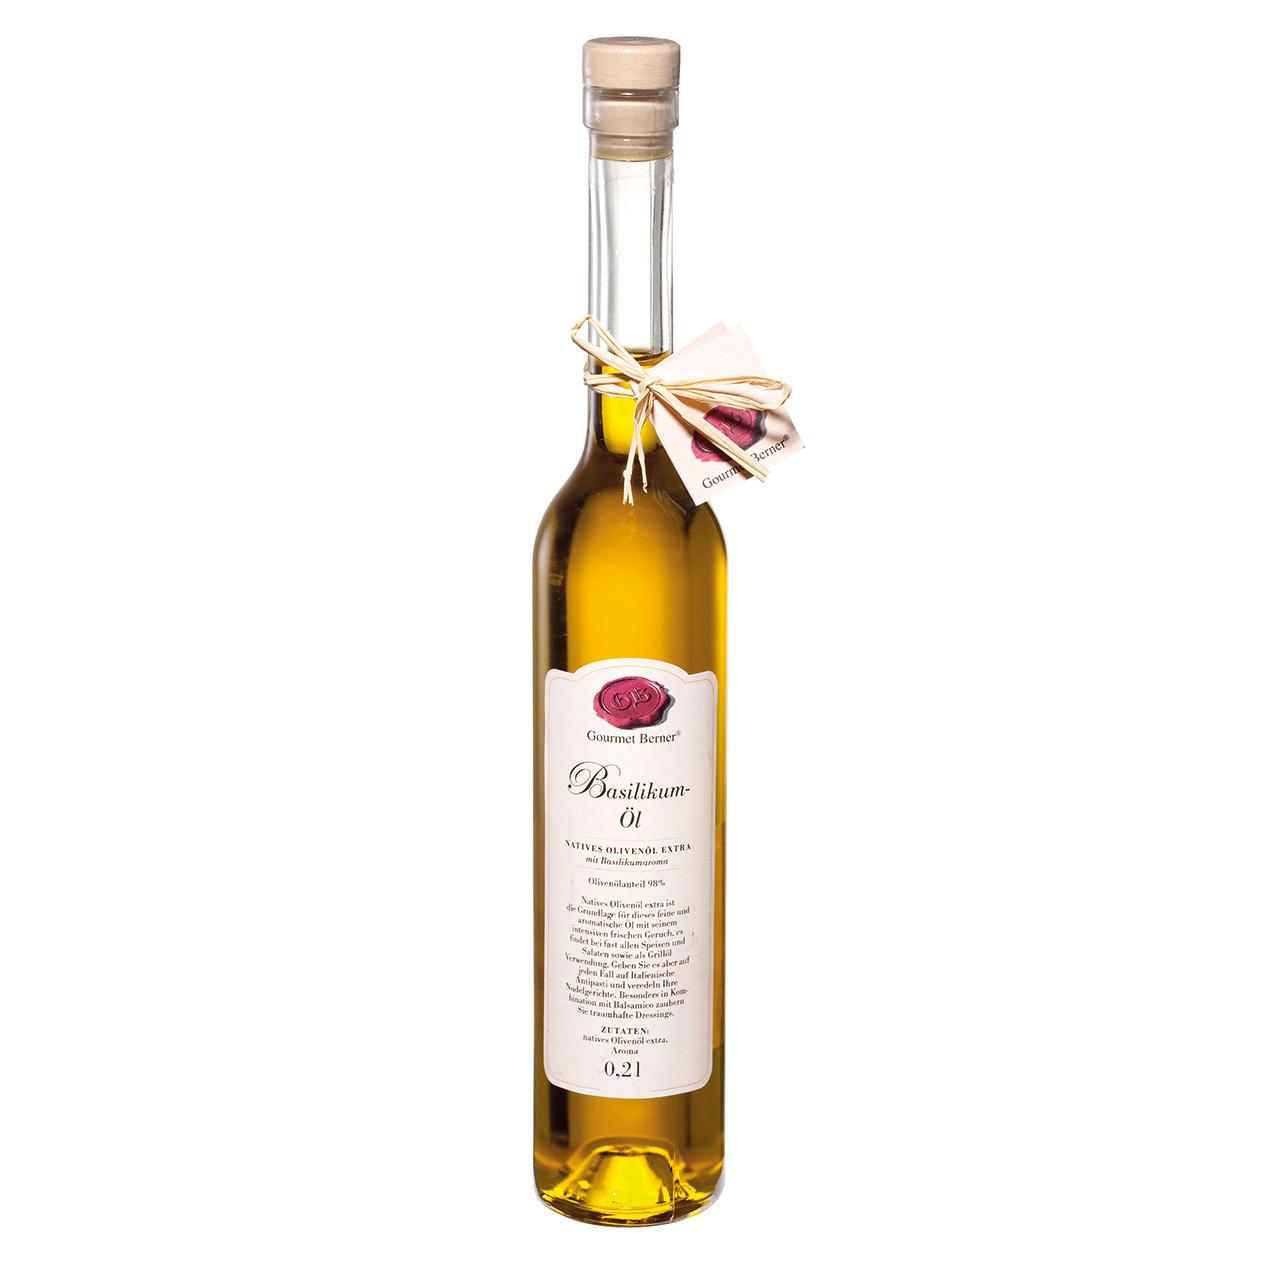 Basilikum-Öl- 0,2l - Gourmet Berner